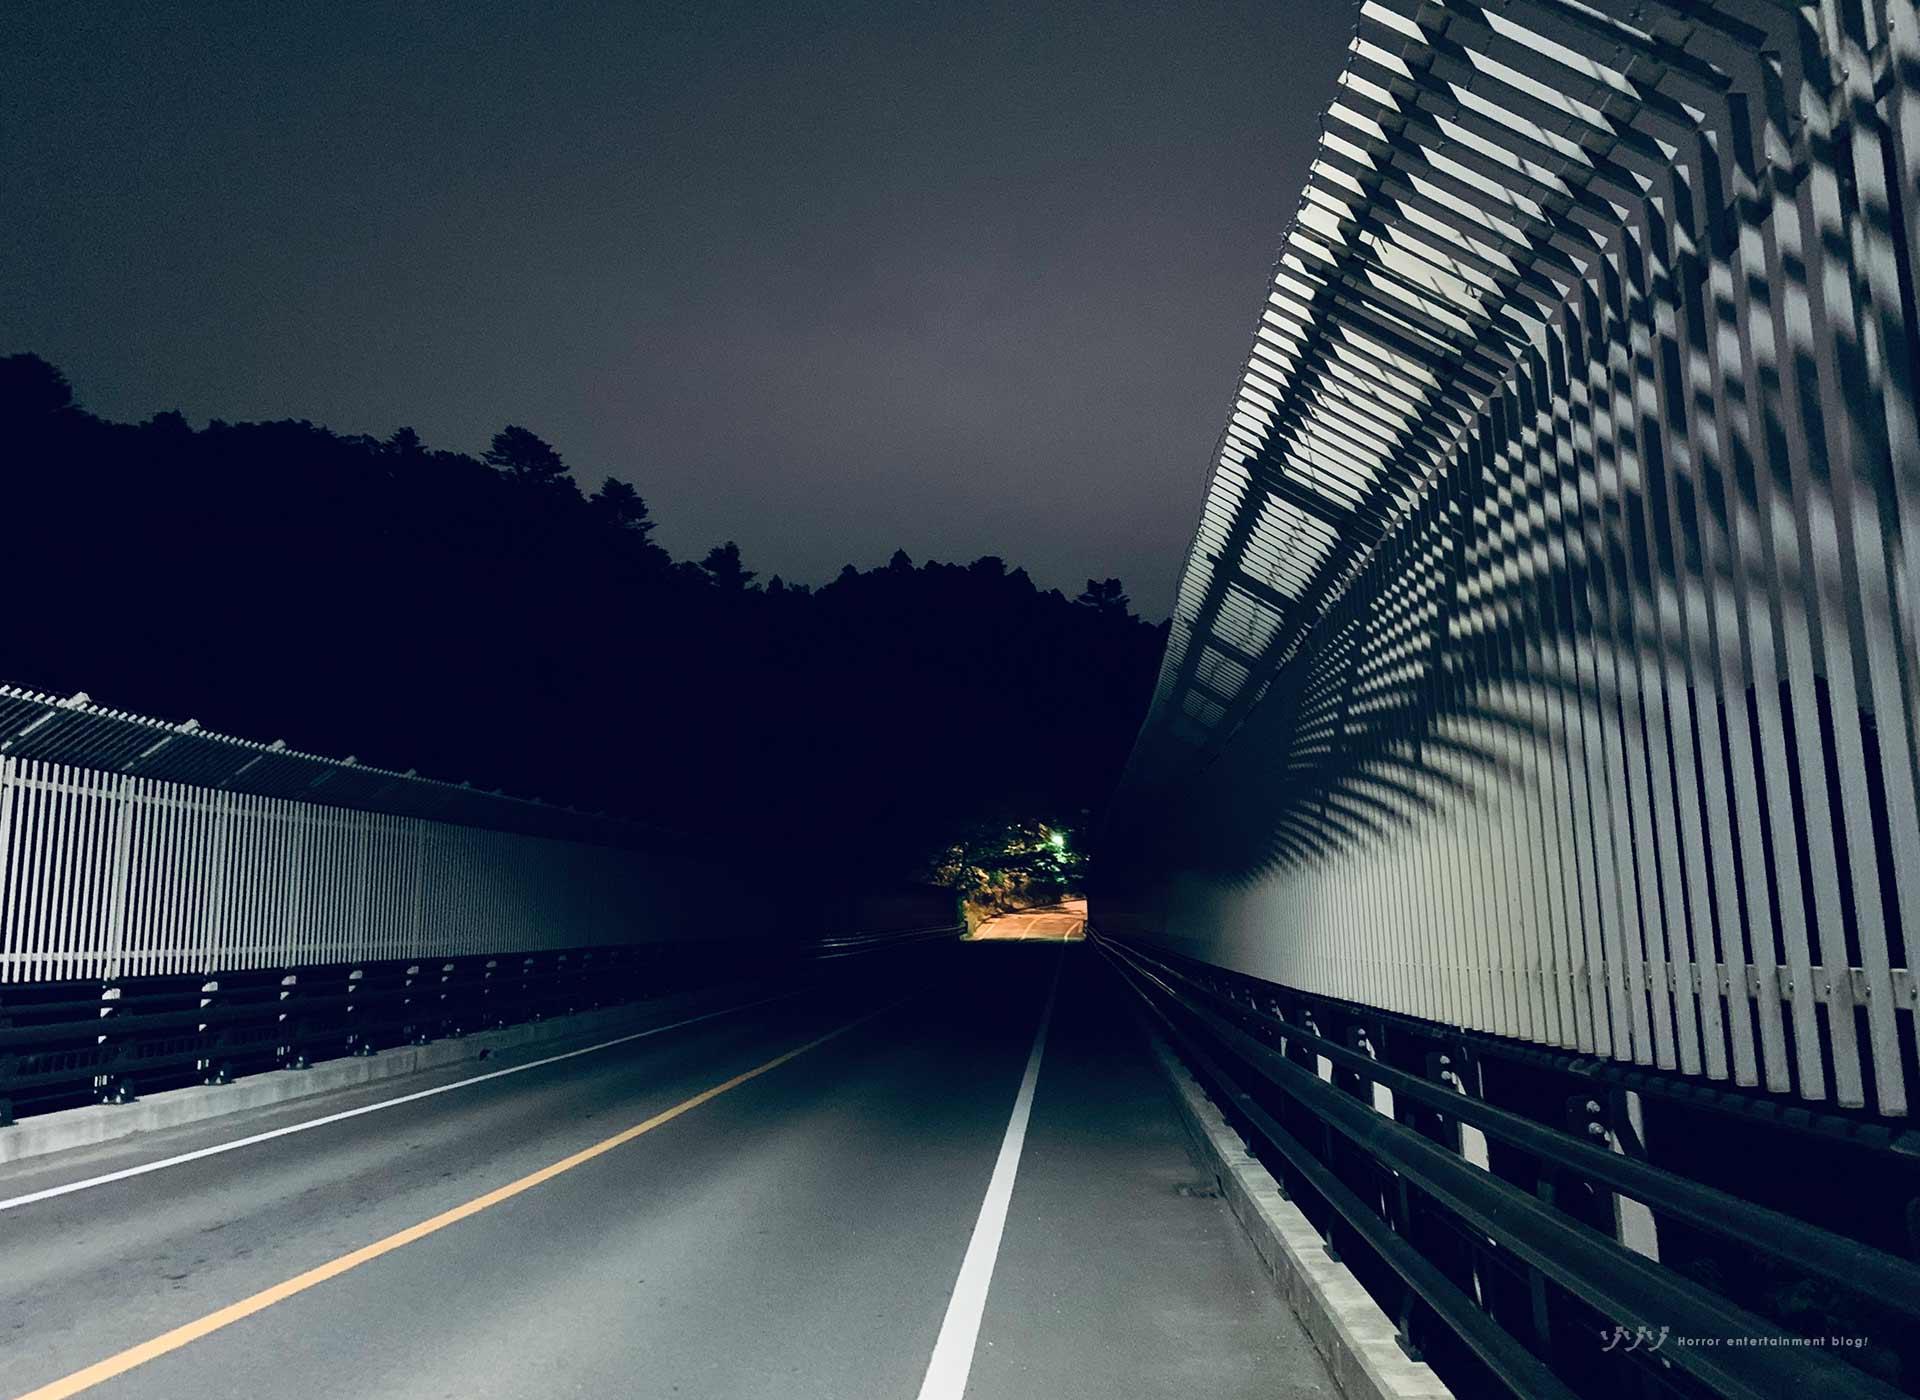 【シリーズ・心霊スポット】八木山橋